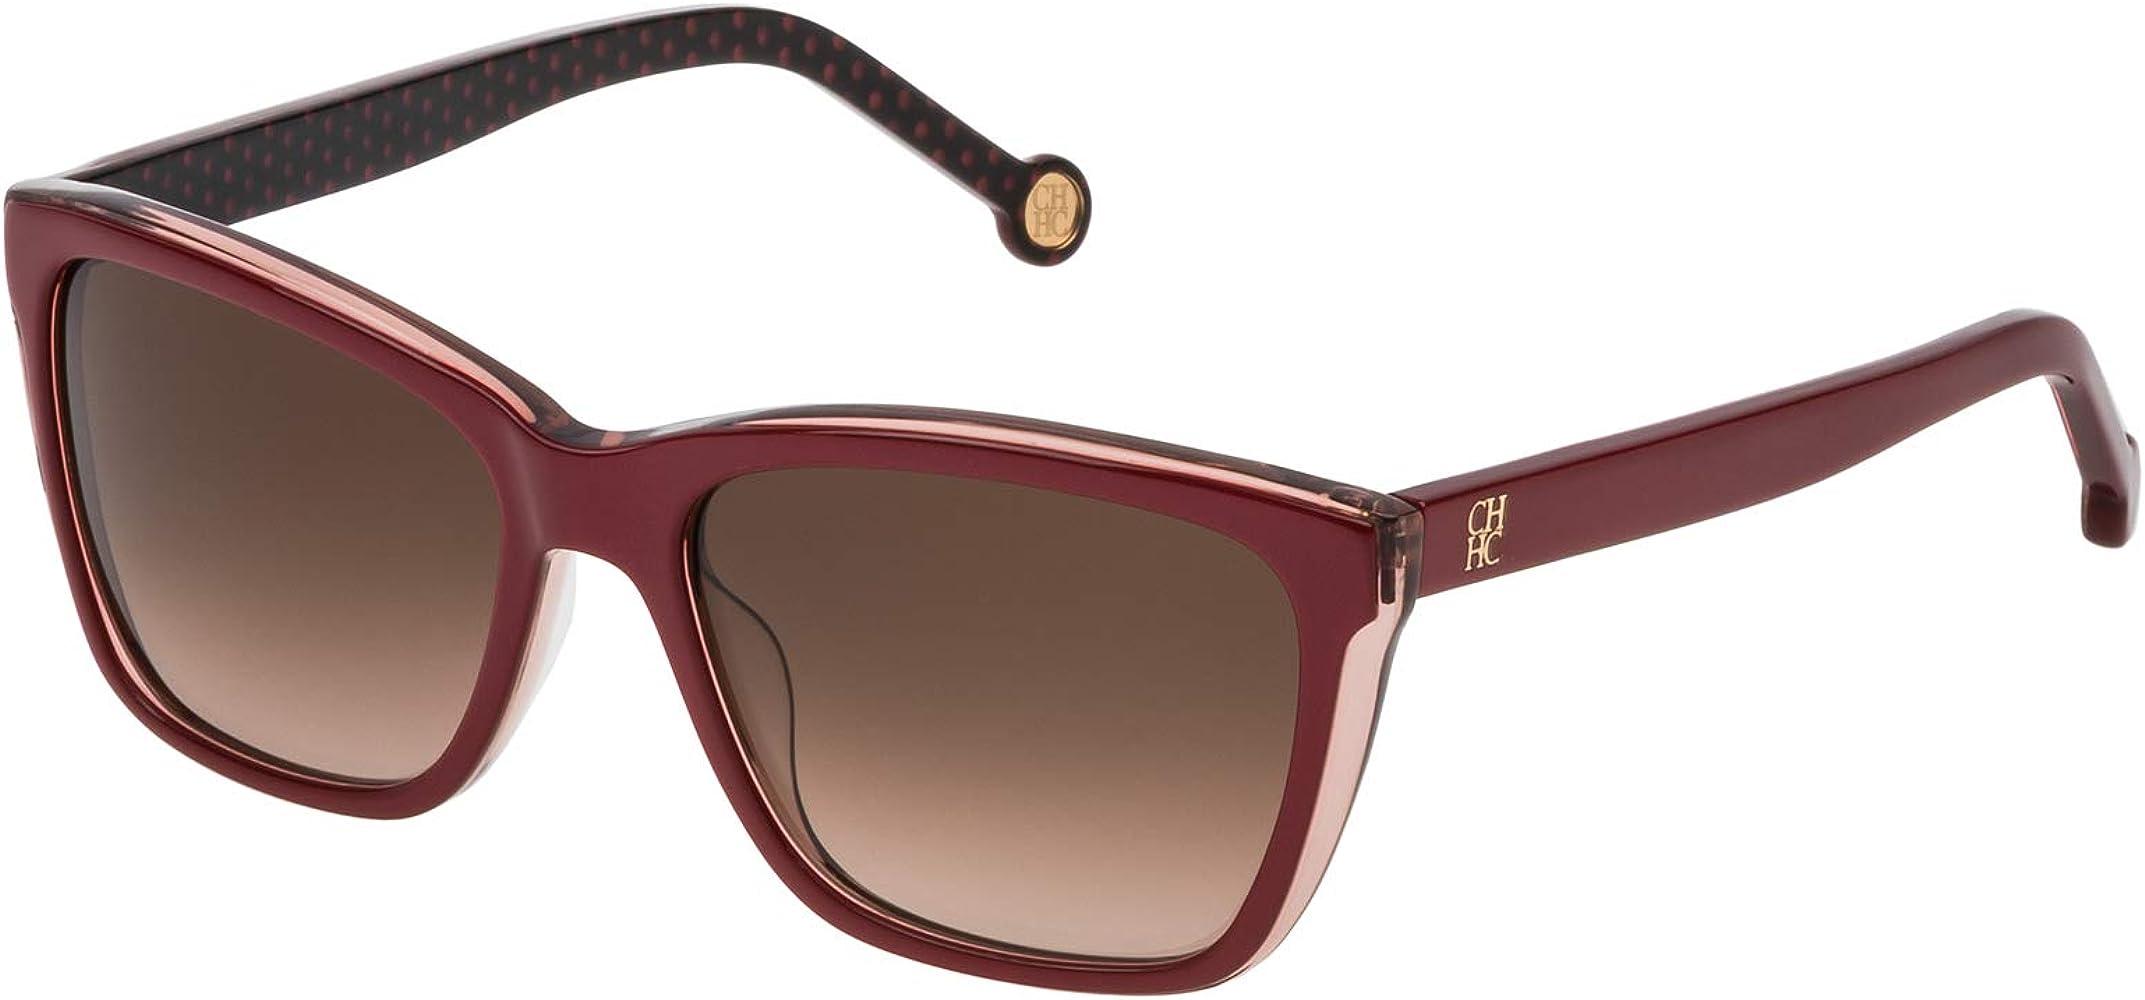 Carolina Herrera SHE69555B42Y Gafas de Sol, Rojo, 55 para Mujer: Amazon.es: Ropa y accesorios